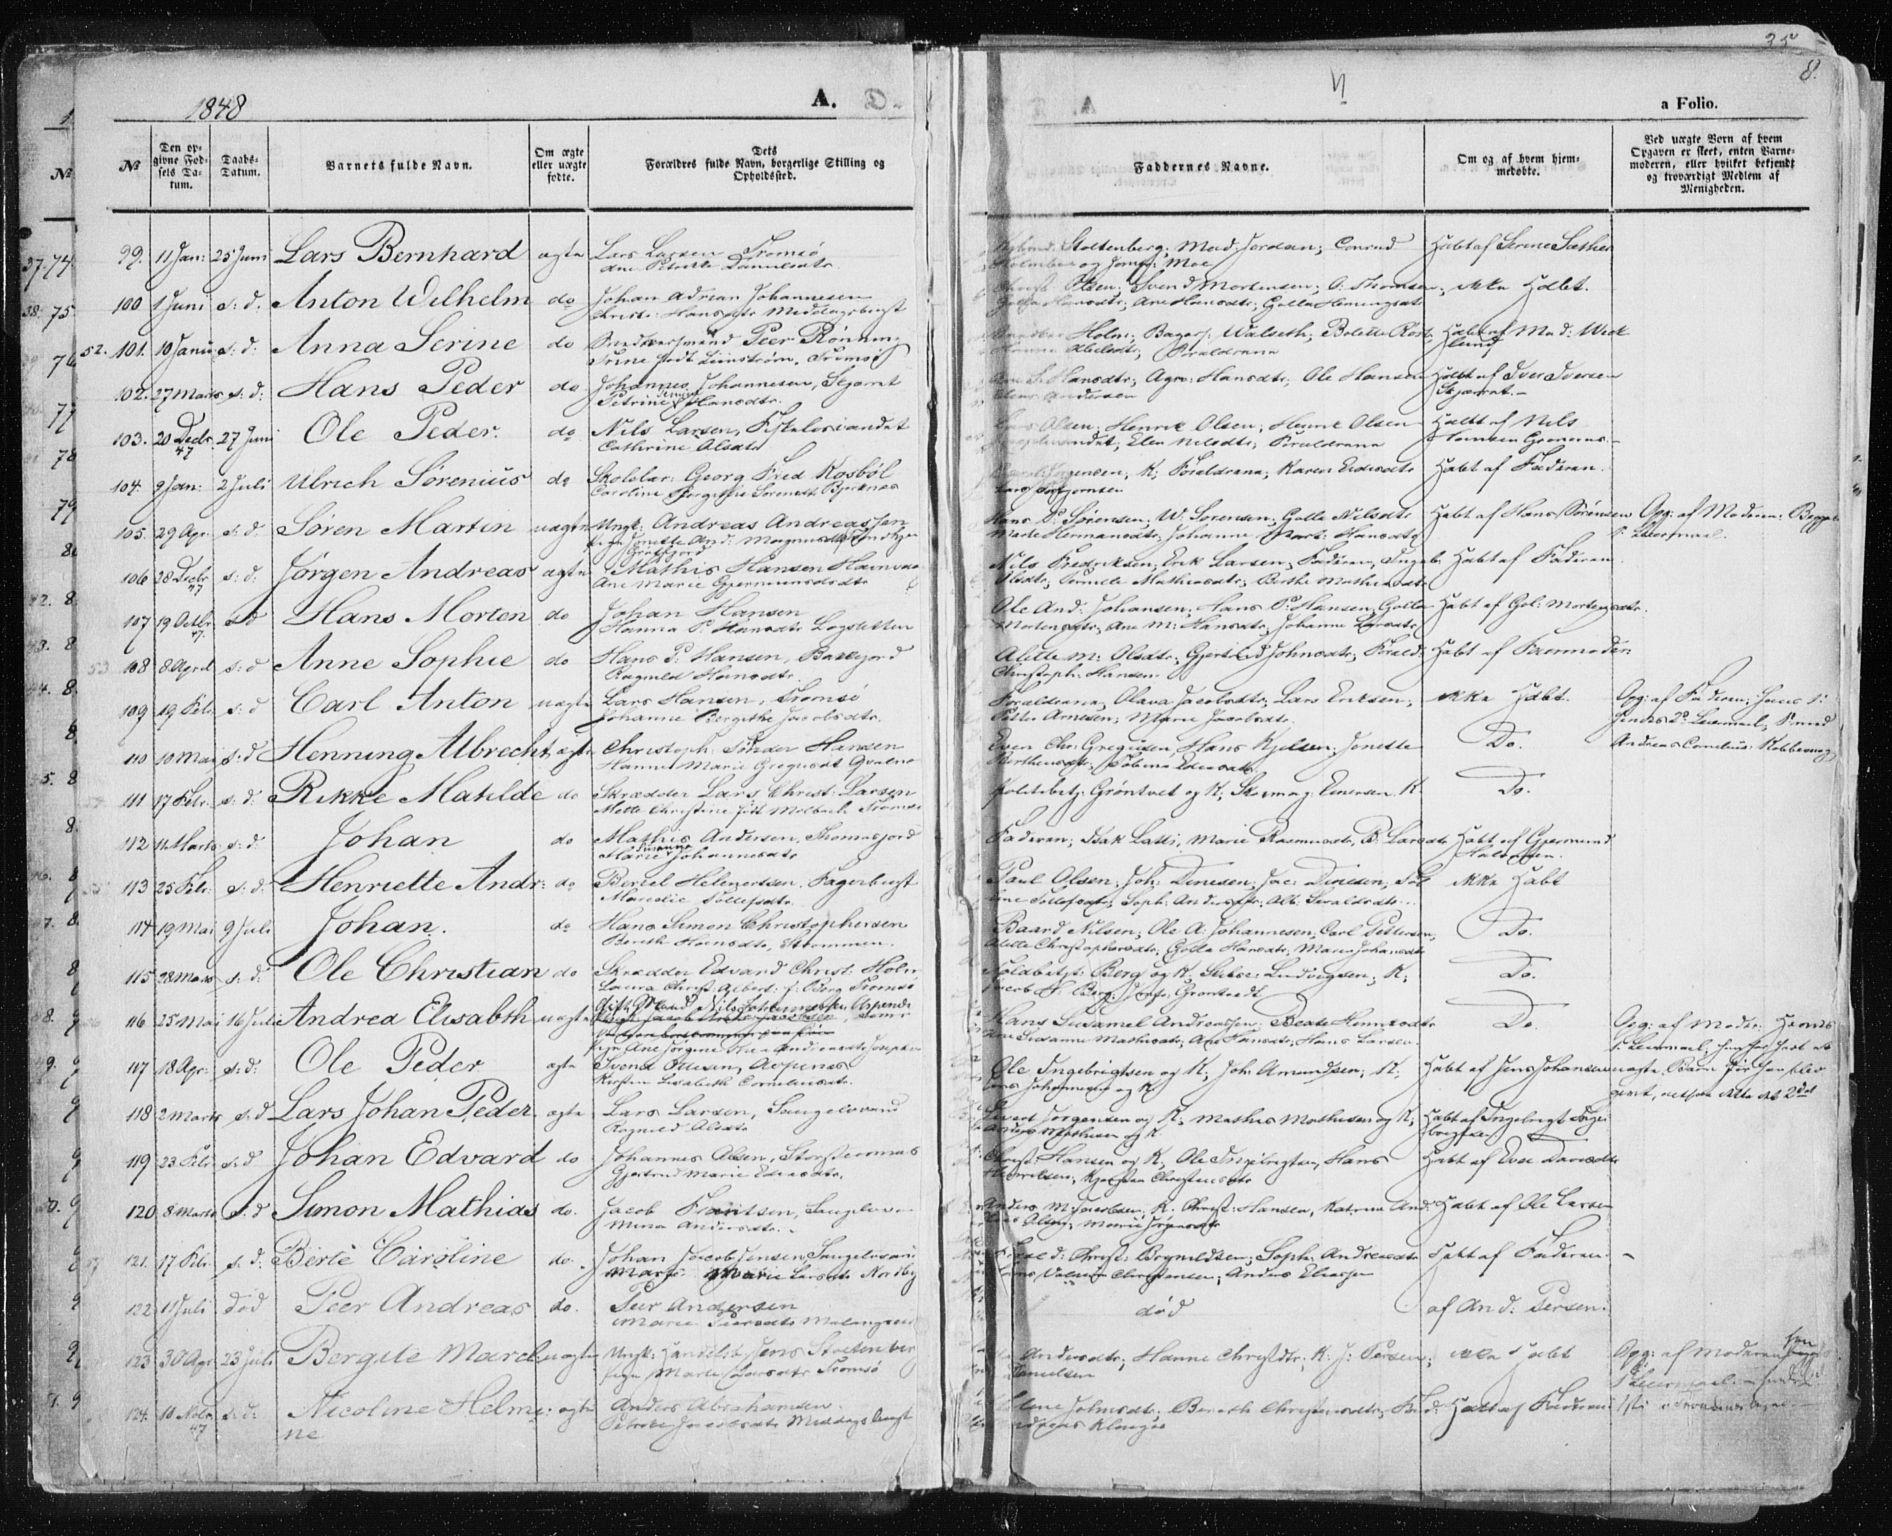 SATØ, Tromsø sokneprestkontor/stiftsprosti/domprosti, G/Ga/L0010kirke: Ministerialbok nr. 10, 1848-1855, s. 8